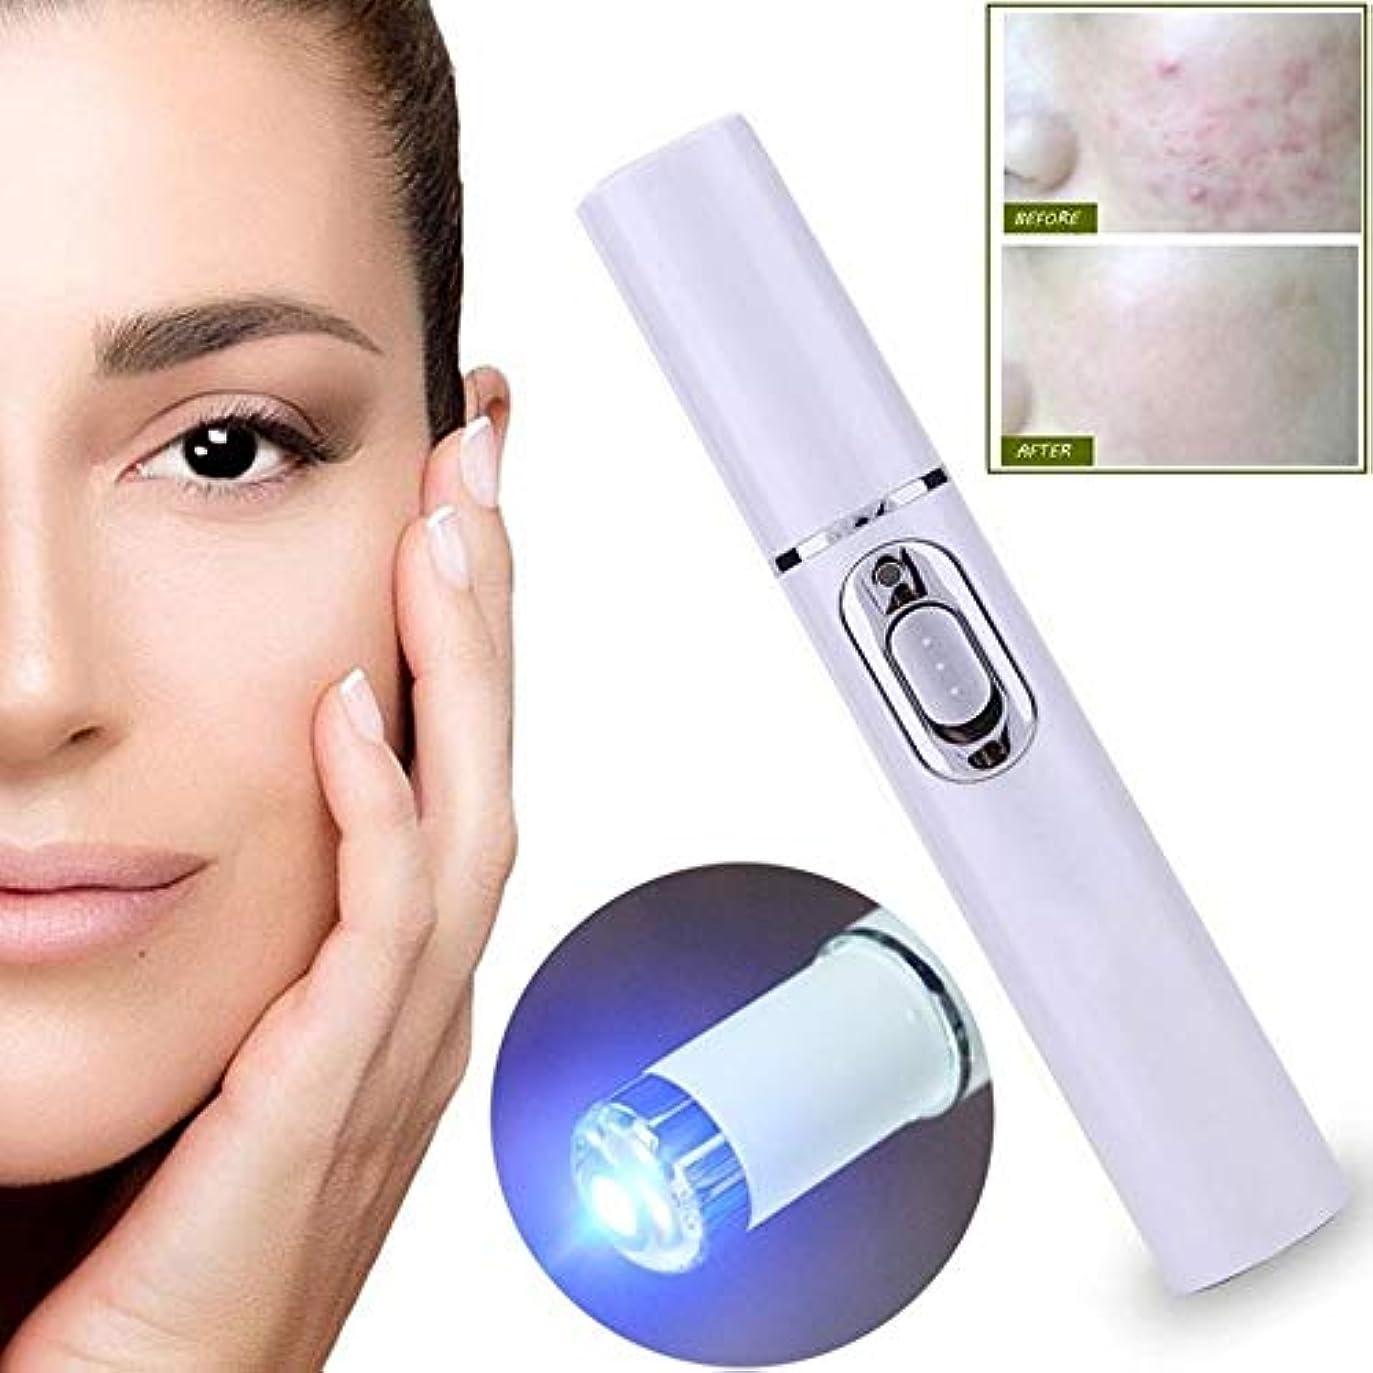 締め切り綺麗なベアリングサークルにきび治療とにきび跡治療のための美容ライトセラピーデバイス、にきびを削除し、しわほくろダークスポット除去機を削減します